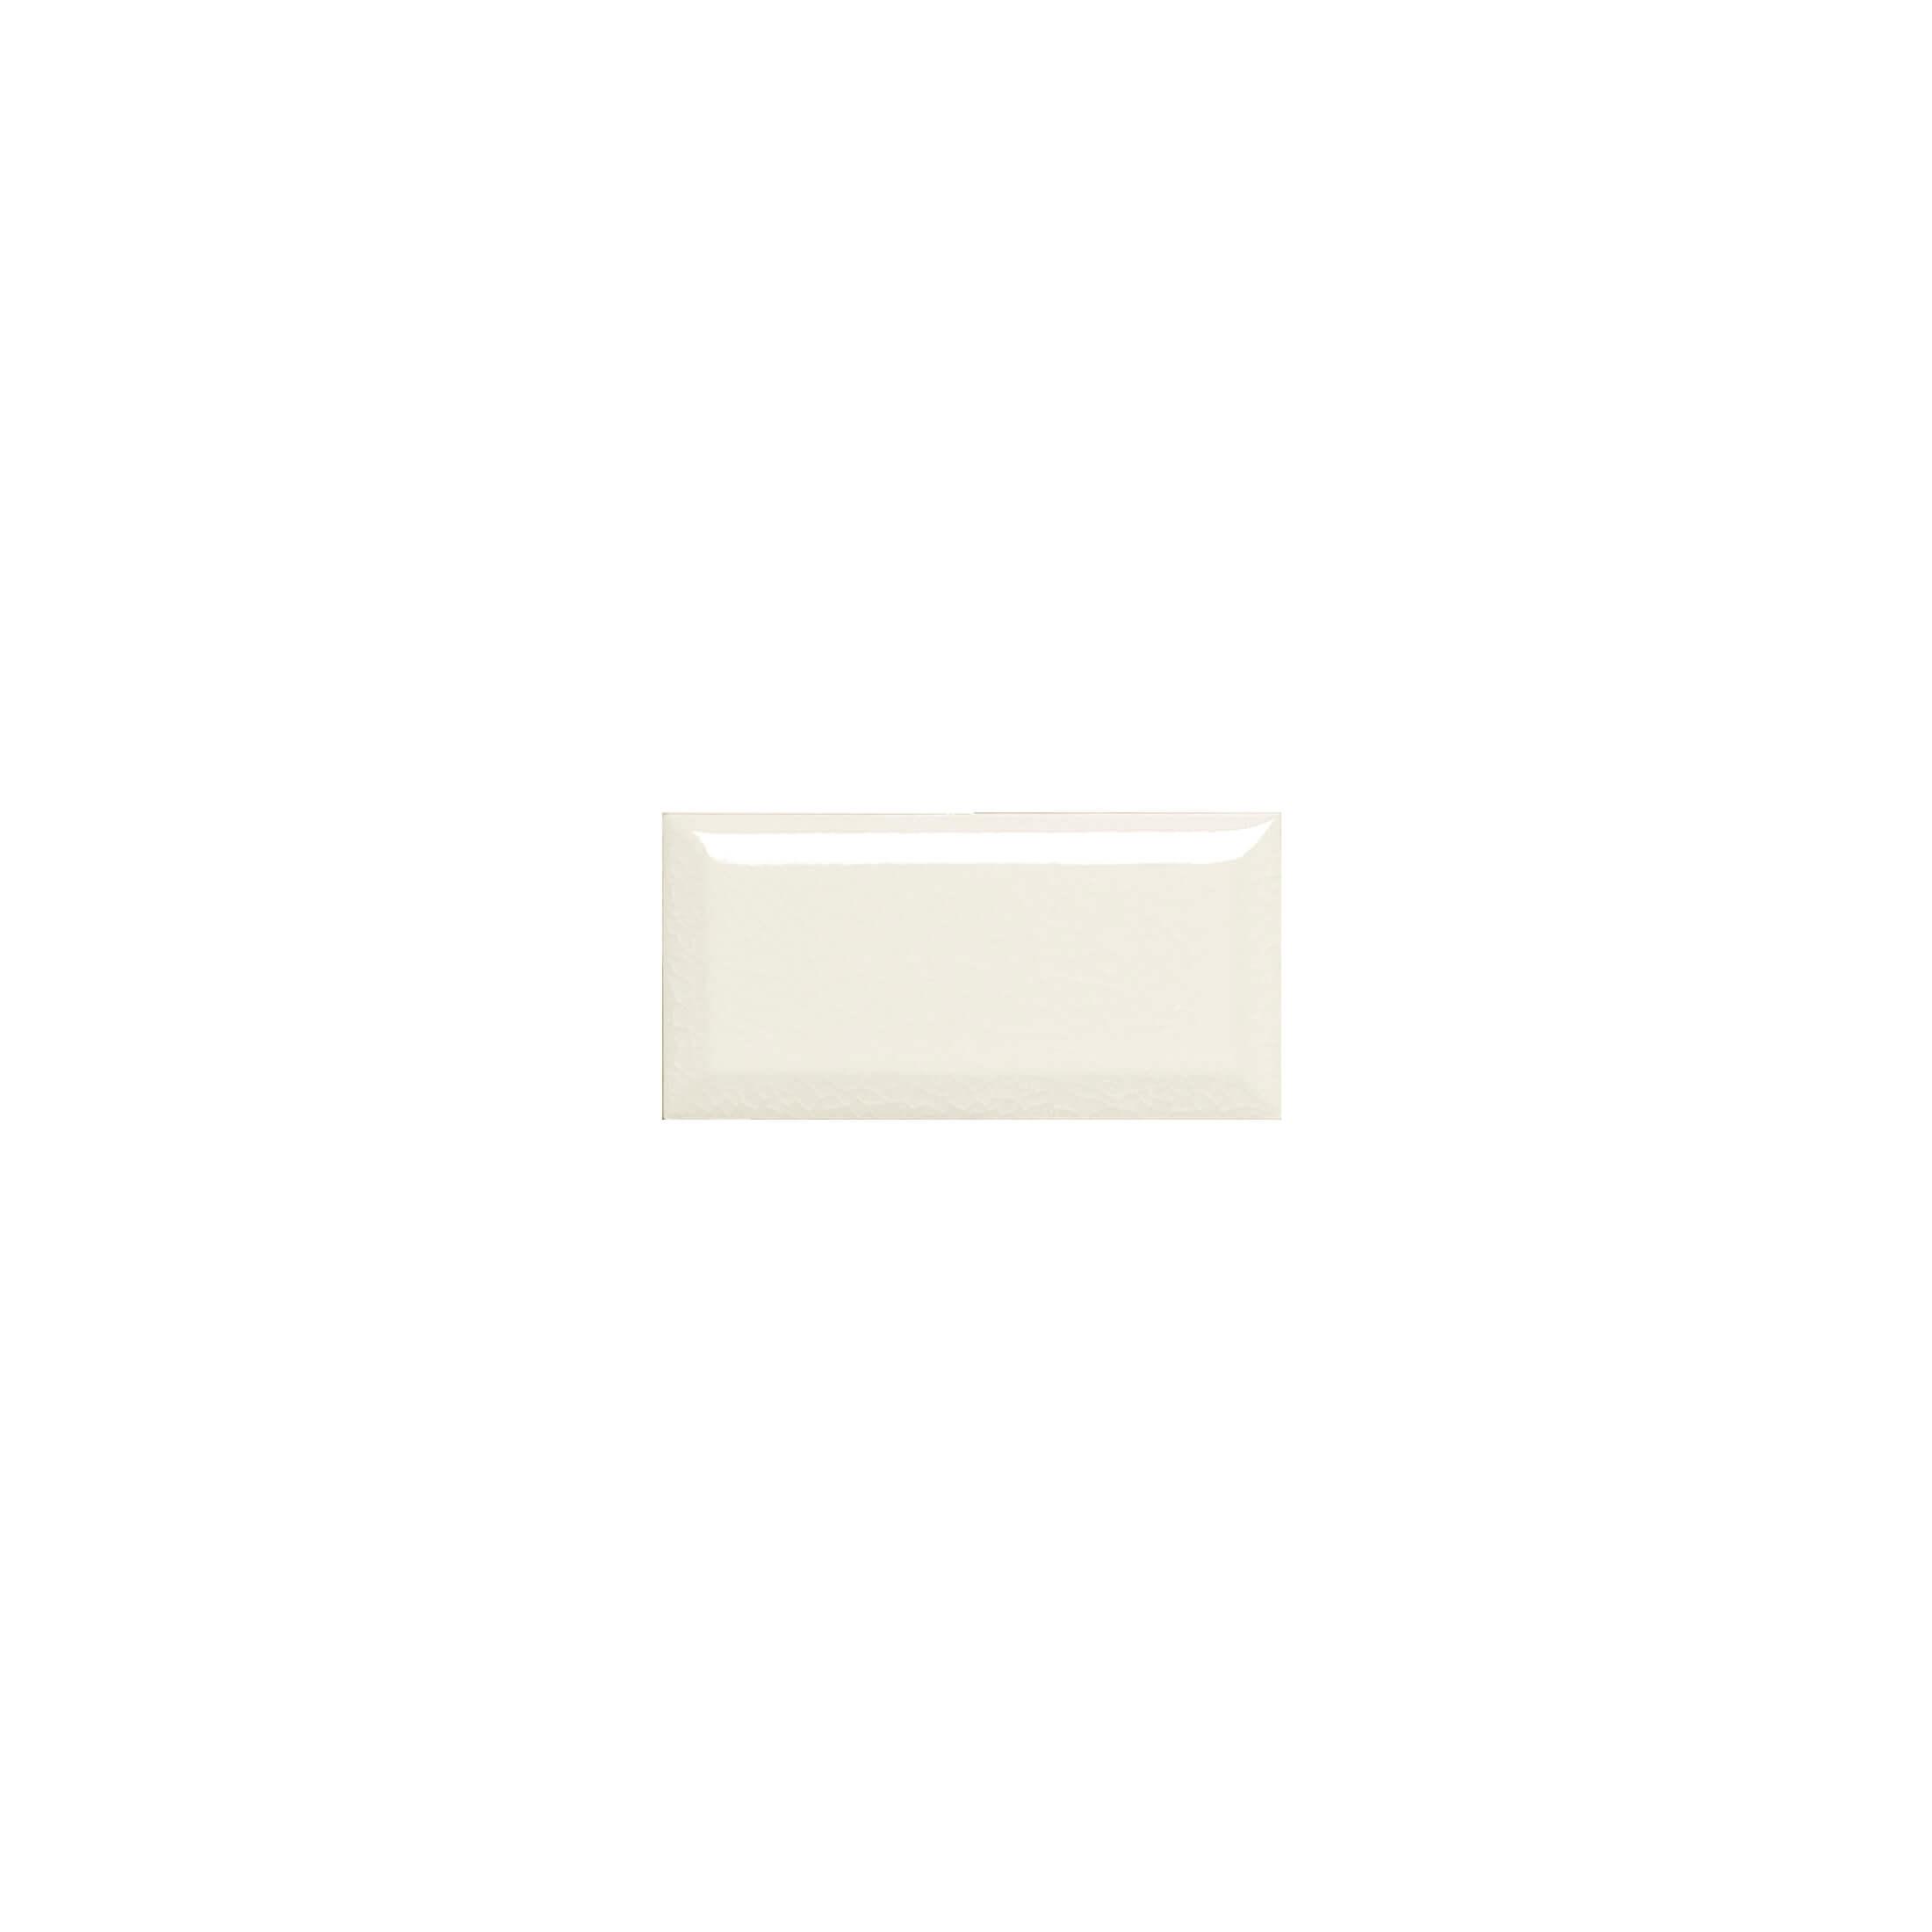 ADMO2014 - BISELADO PB C/C - 5 cm X 10 cm